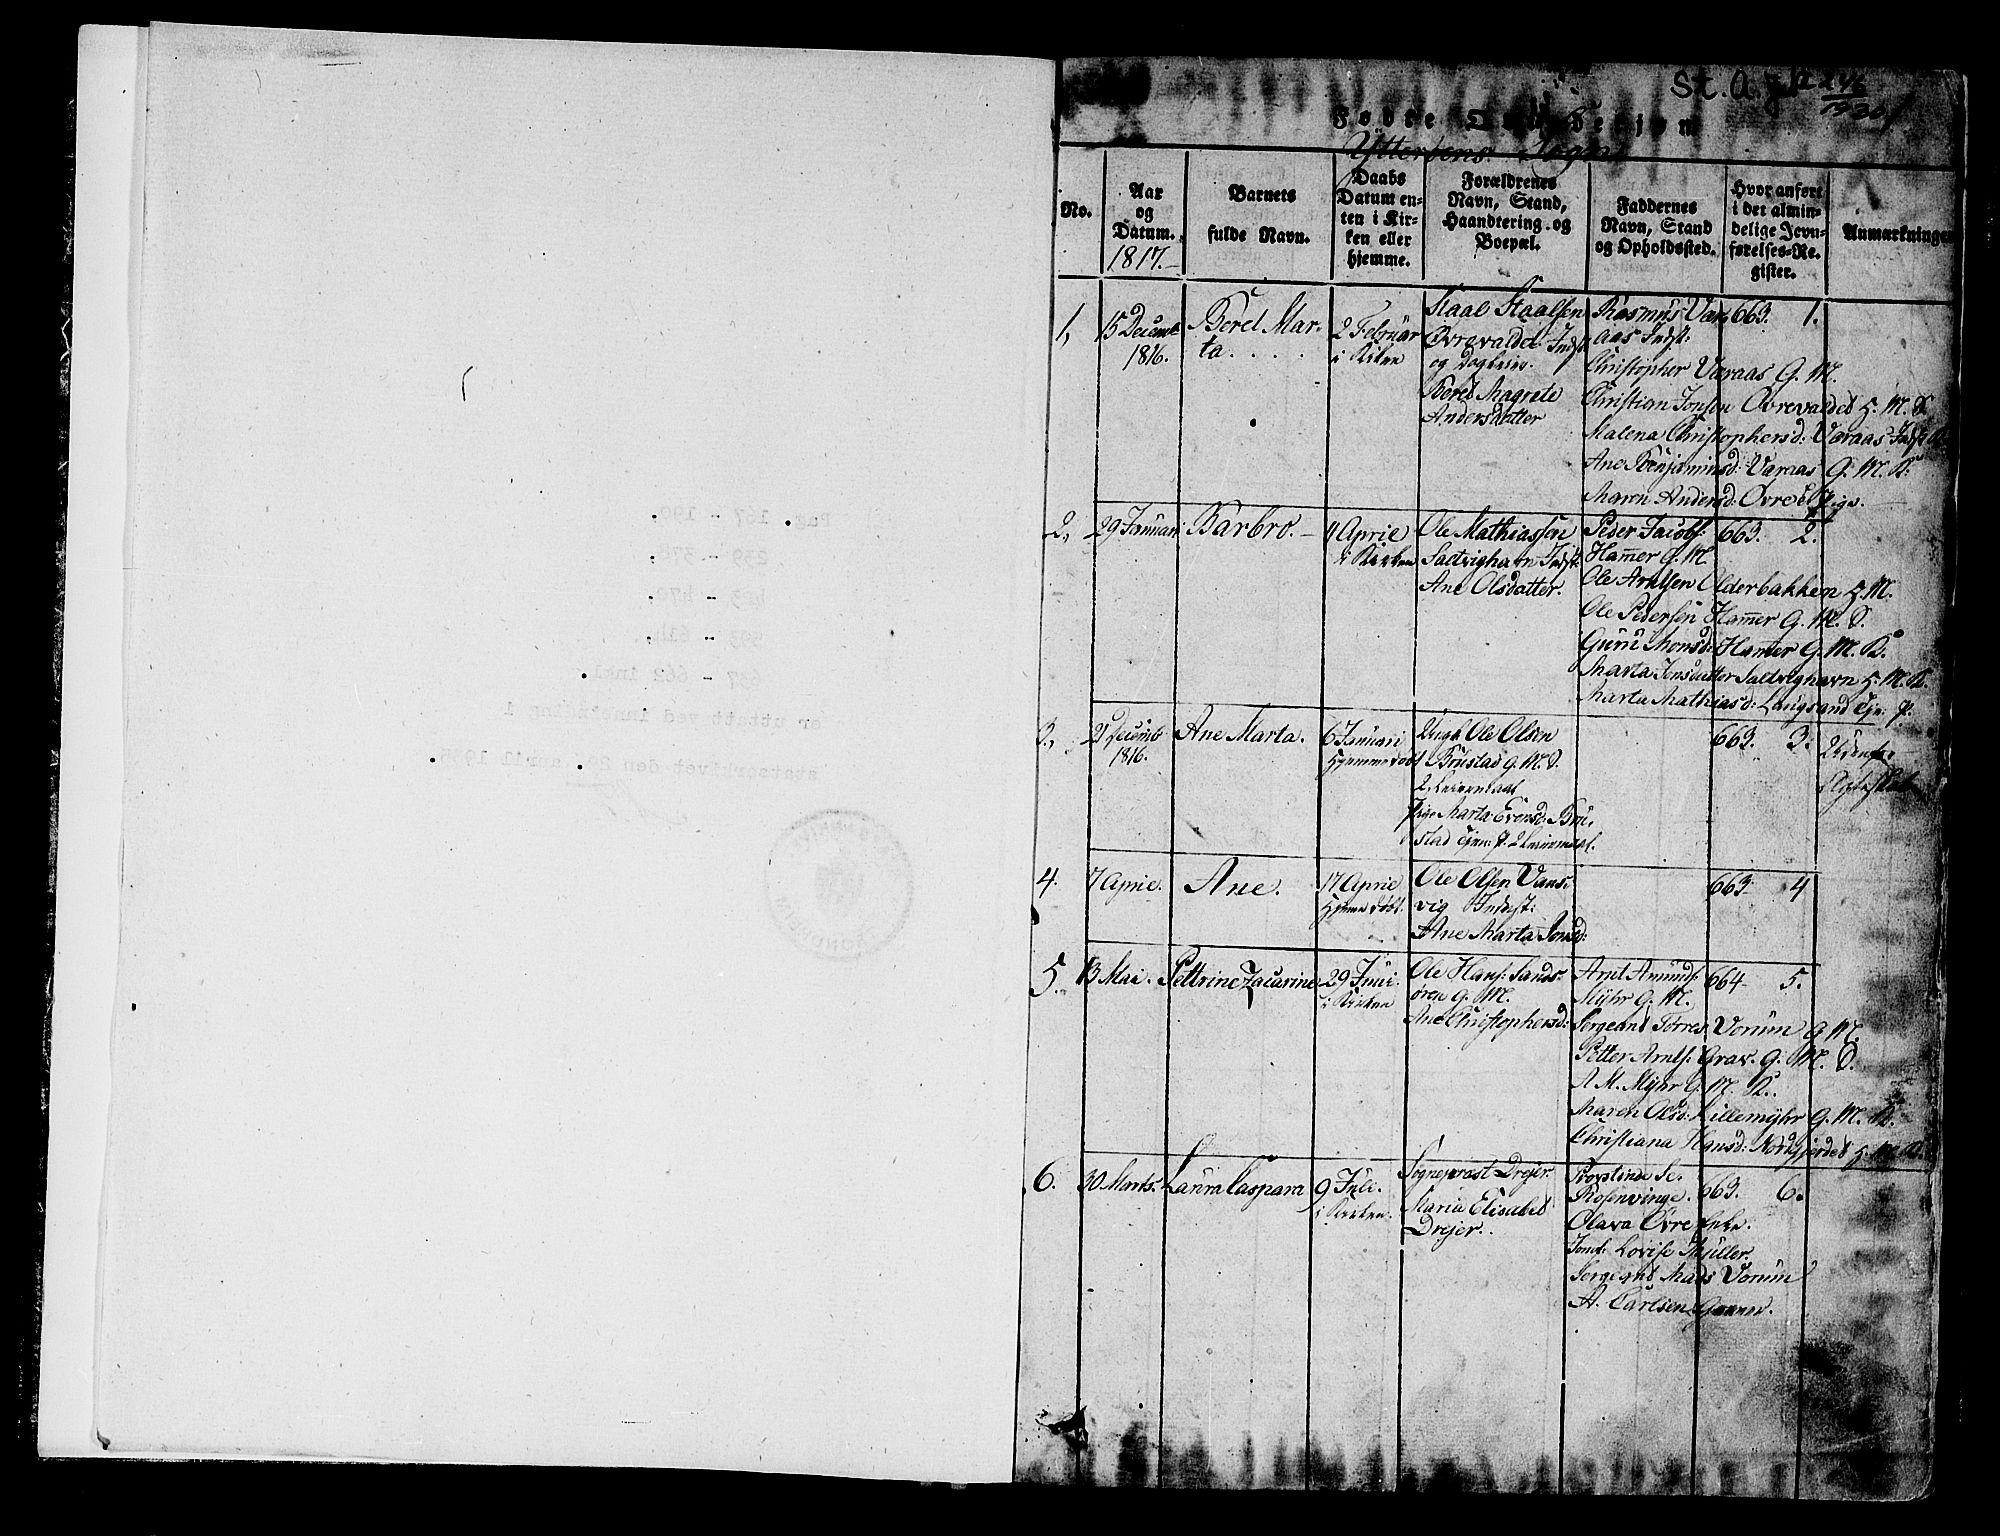 SAT, Ministerialprotokoller, klokkerbøker og fødselsregistre - Nord-Trøndelag, 722/L0217: Ministerialbok nr. 722A04, 1817-1842, s. 0-1